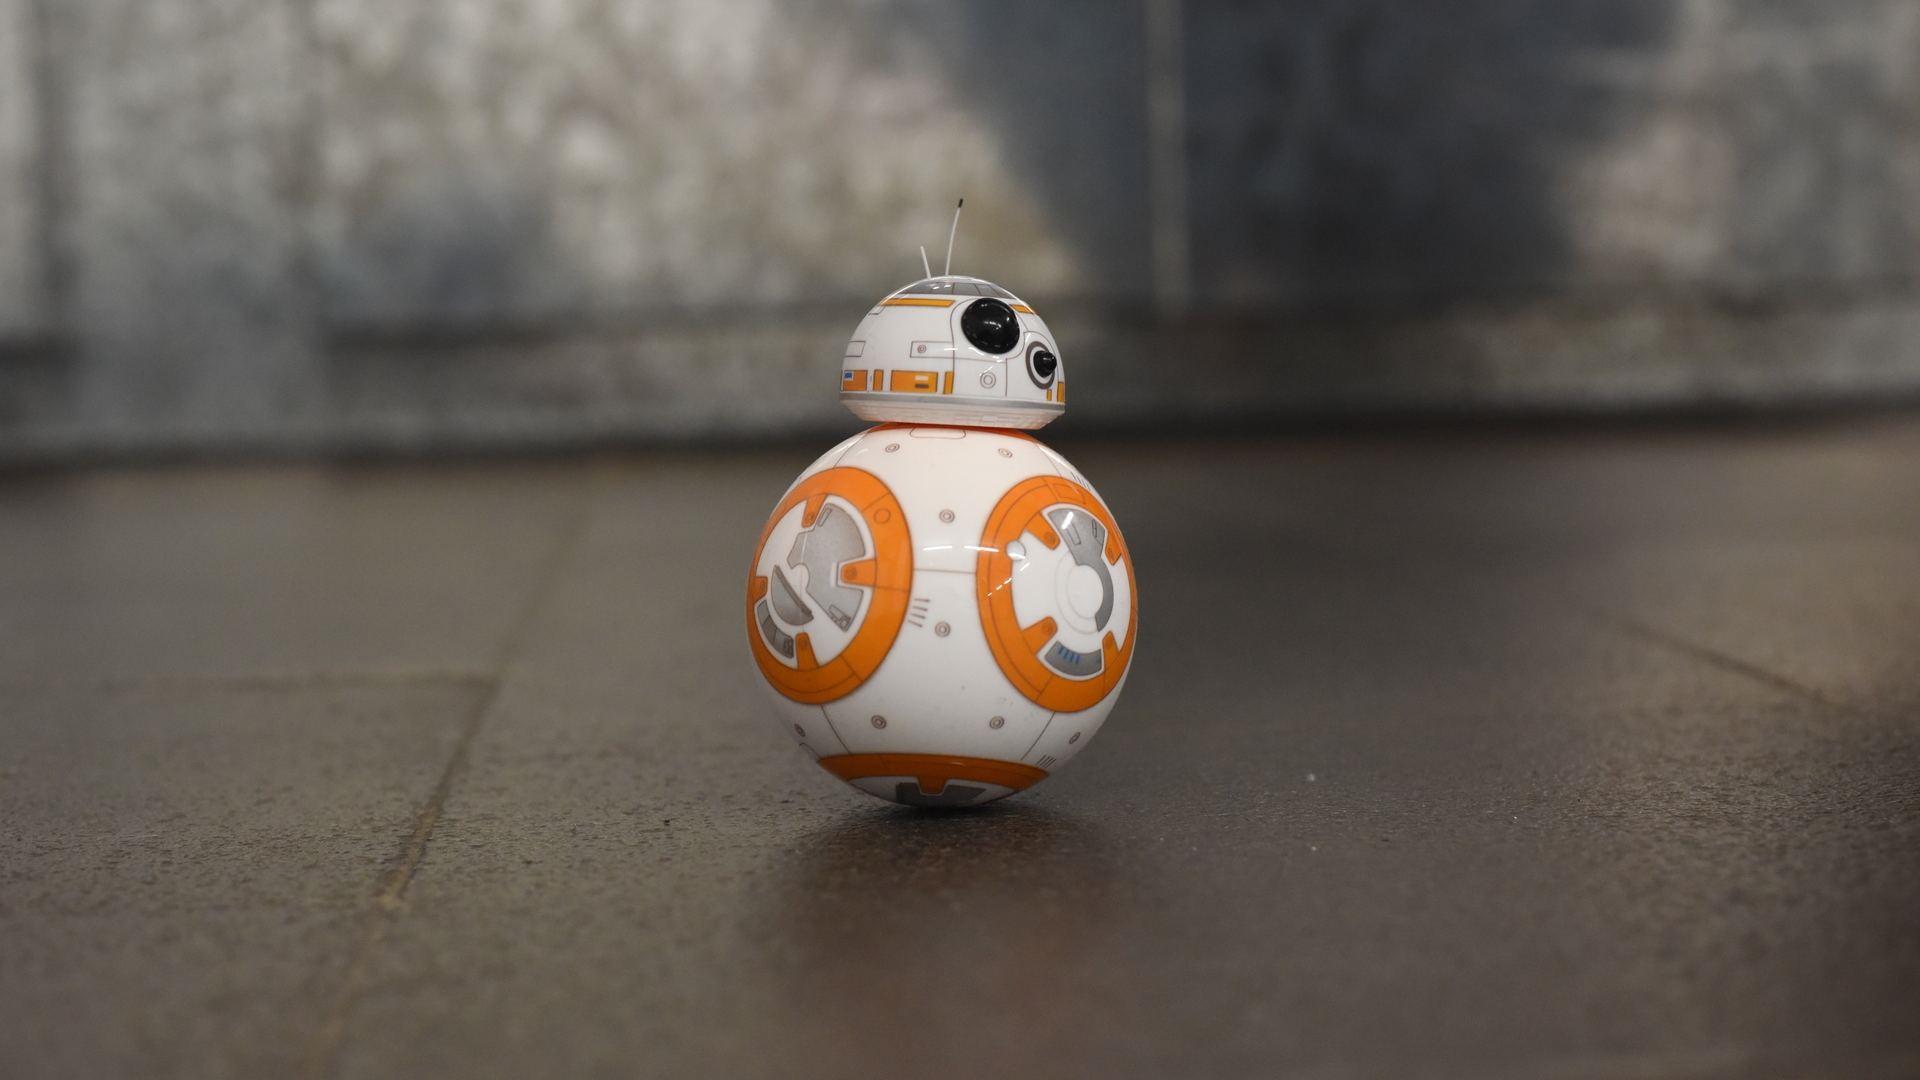 Wallpaper Bb8 Robot Toy Star Wars 1920x1080 Full Hd 2k